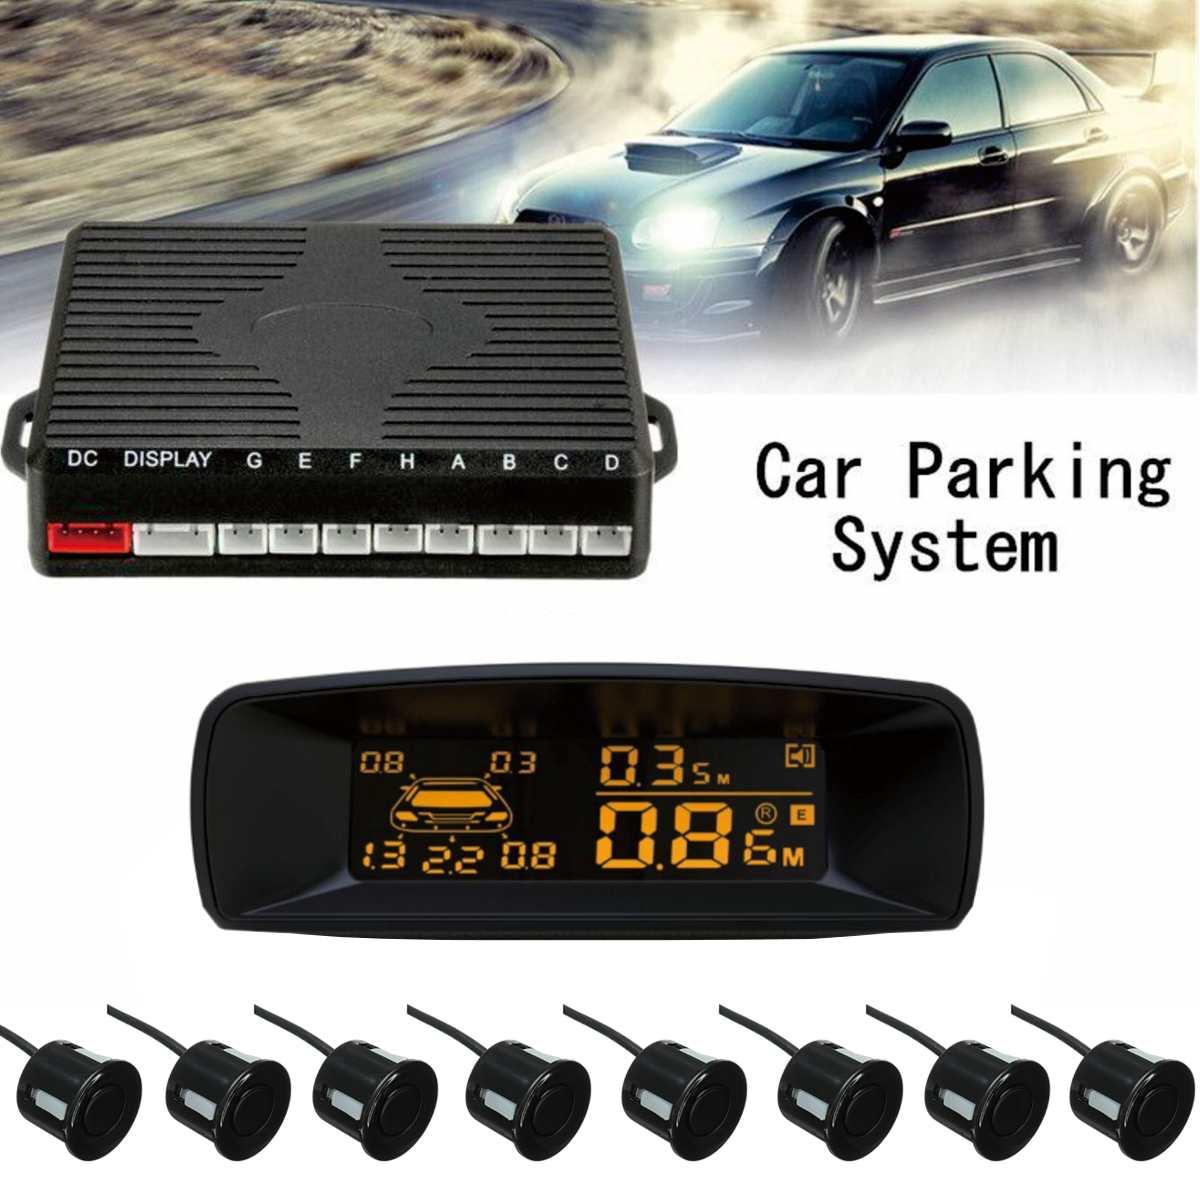 Автомобильный парковочный датчик 8 датчиков s ЗАДНИЙ Вид спереди реверсивная резервная радар система комплект 8 зондов + ЖК-дисплей монитор +...